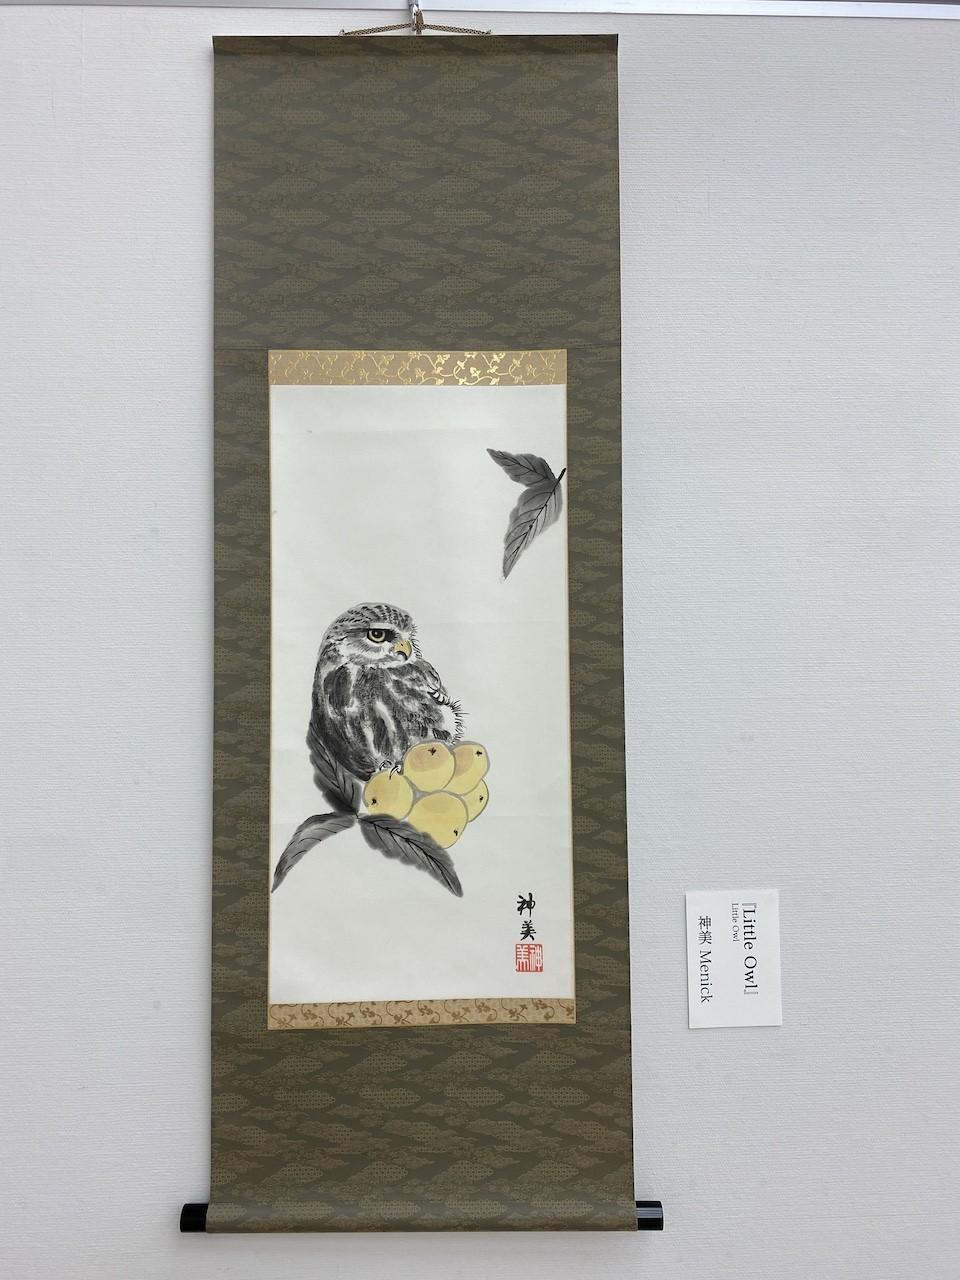 steenuil op de expositie van de internationale sumi-e organisatie